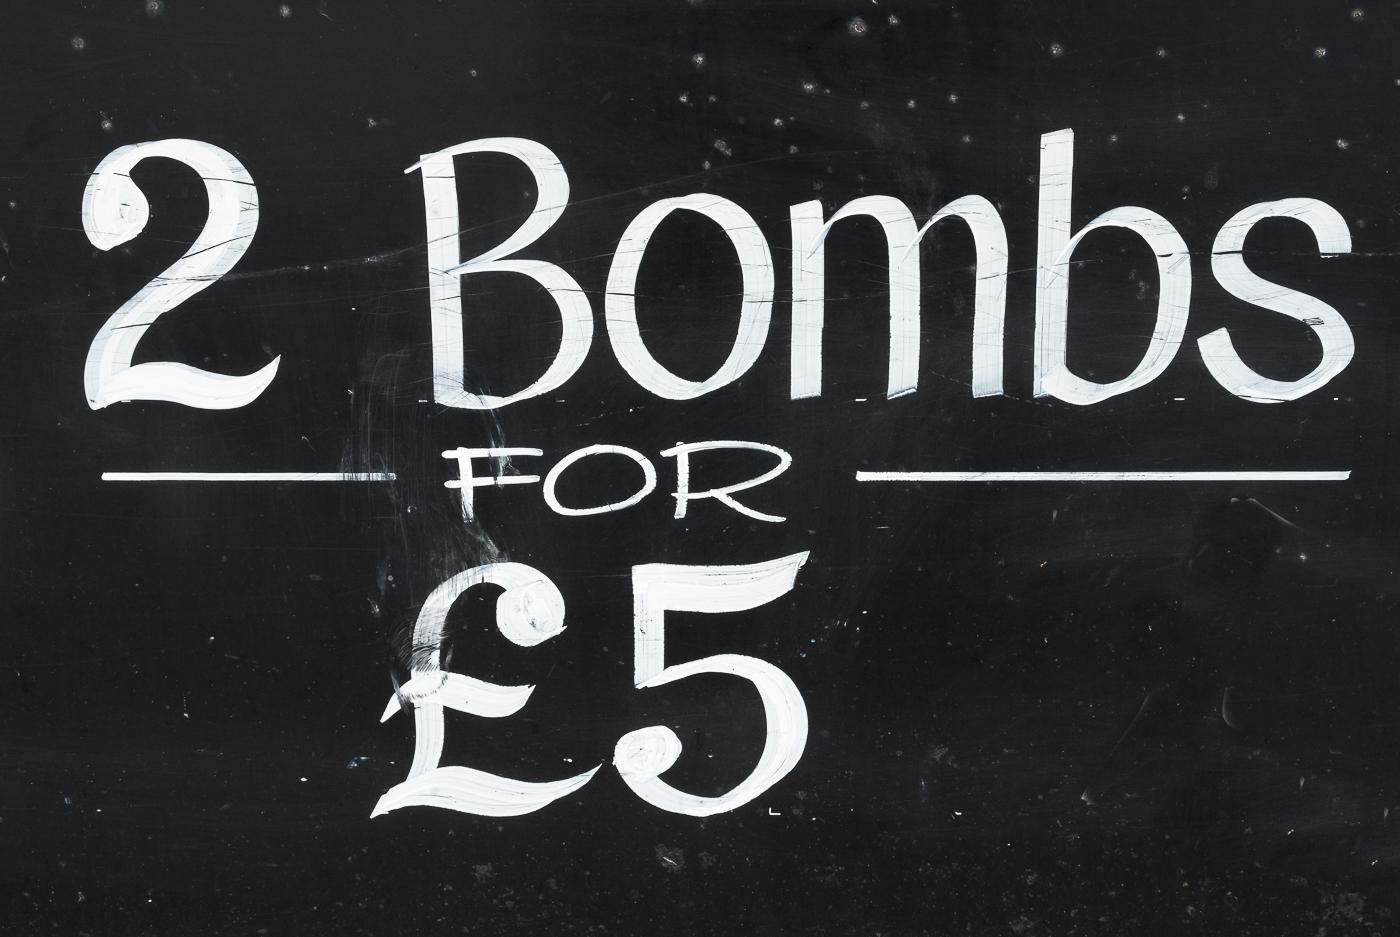 17_2 Bombs for £5_HarrySilcock.jpg